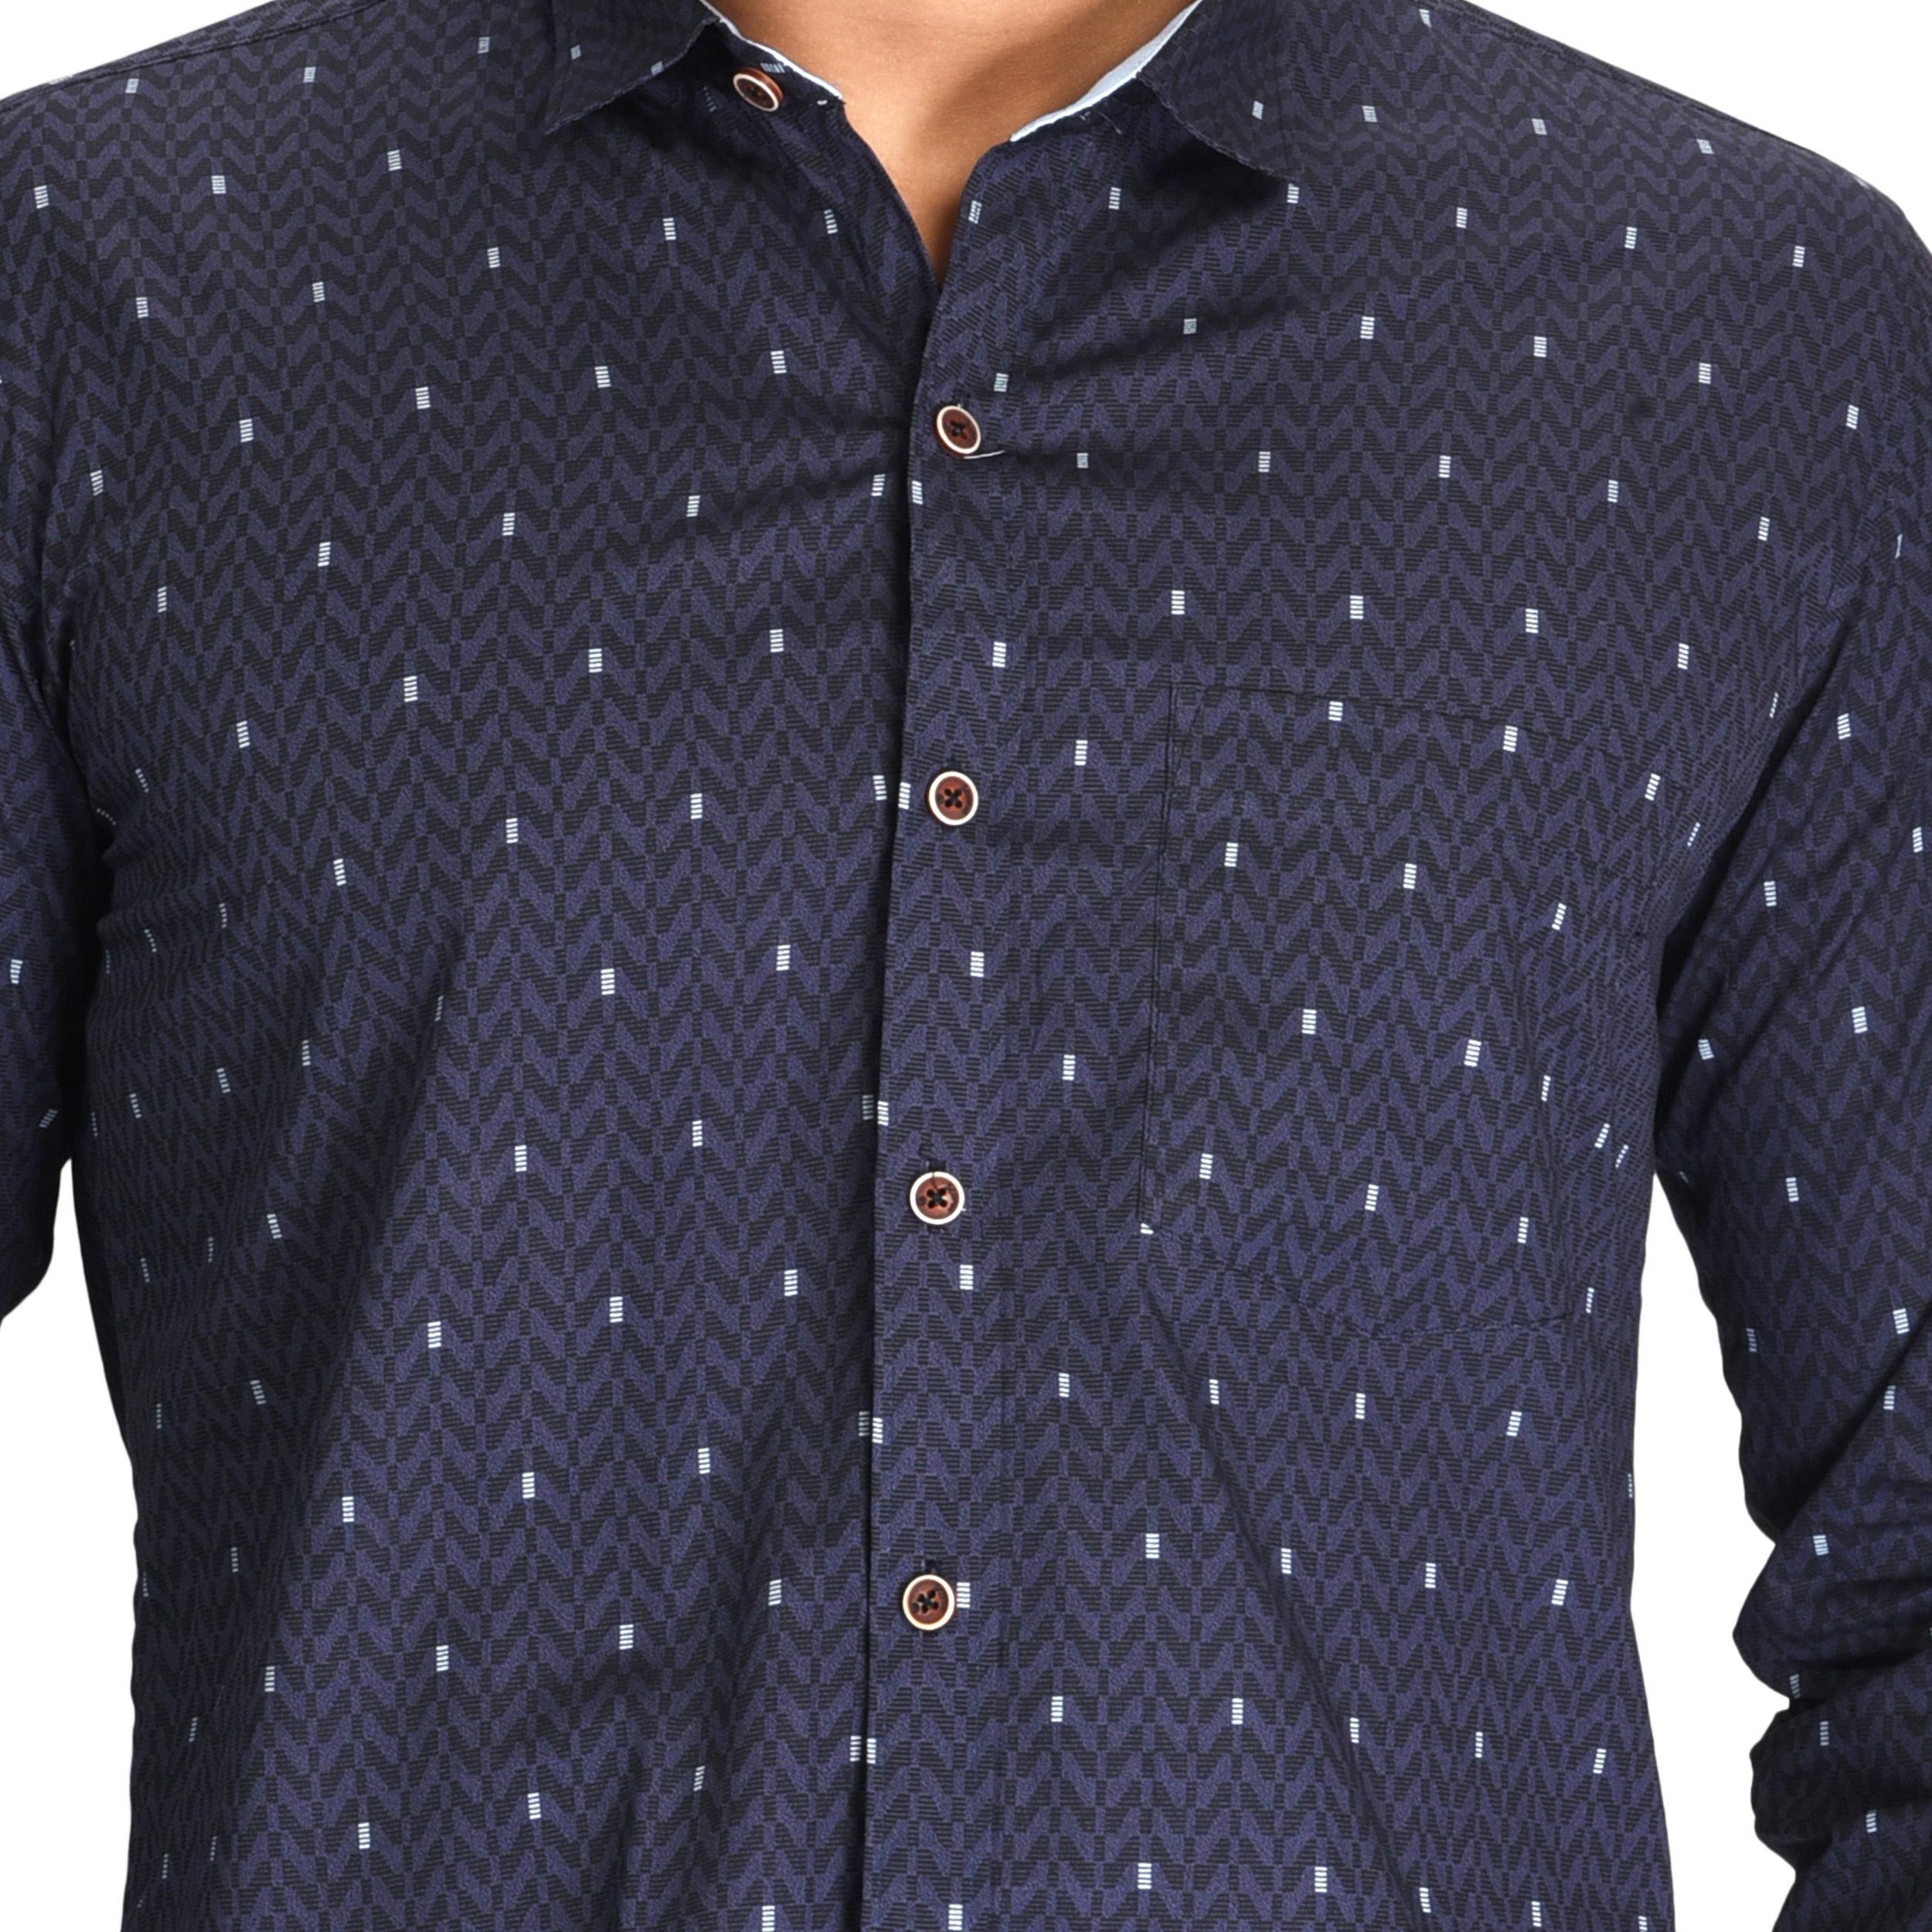 Mens Formal Check Shirt